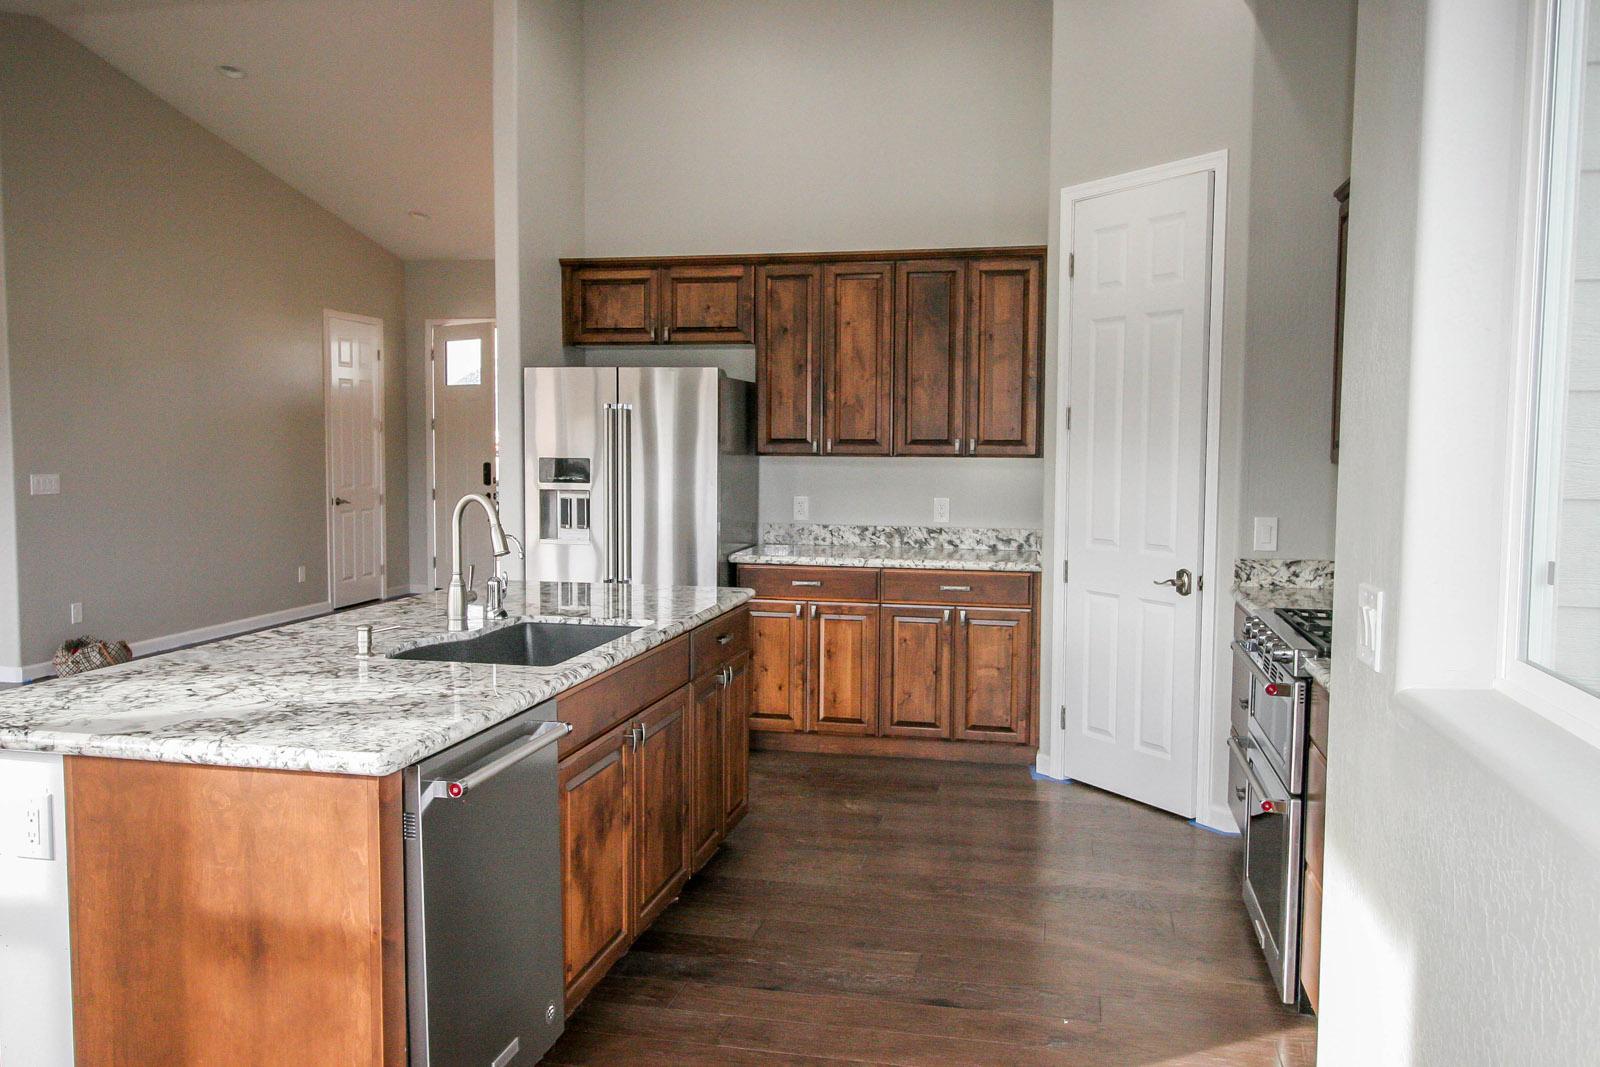 Girard - girard kitchen 2.jpg